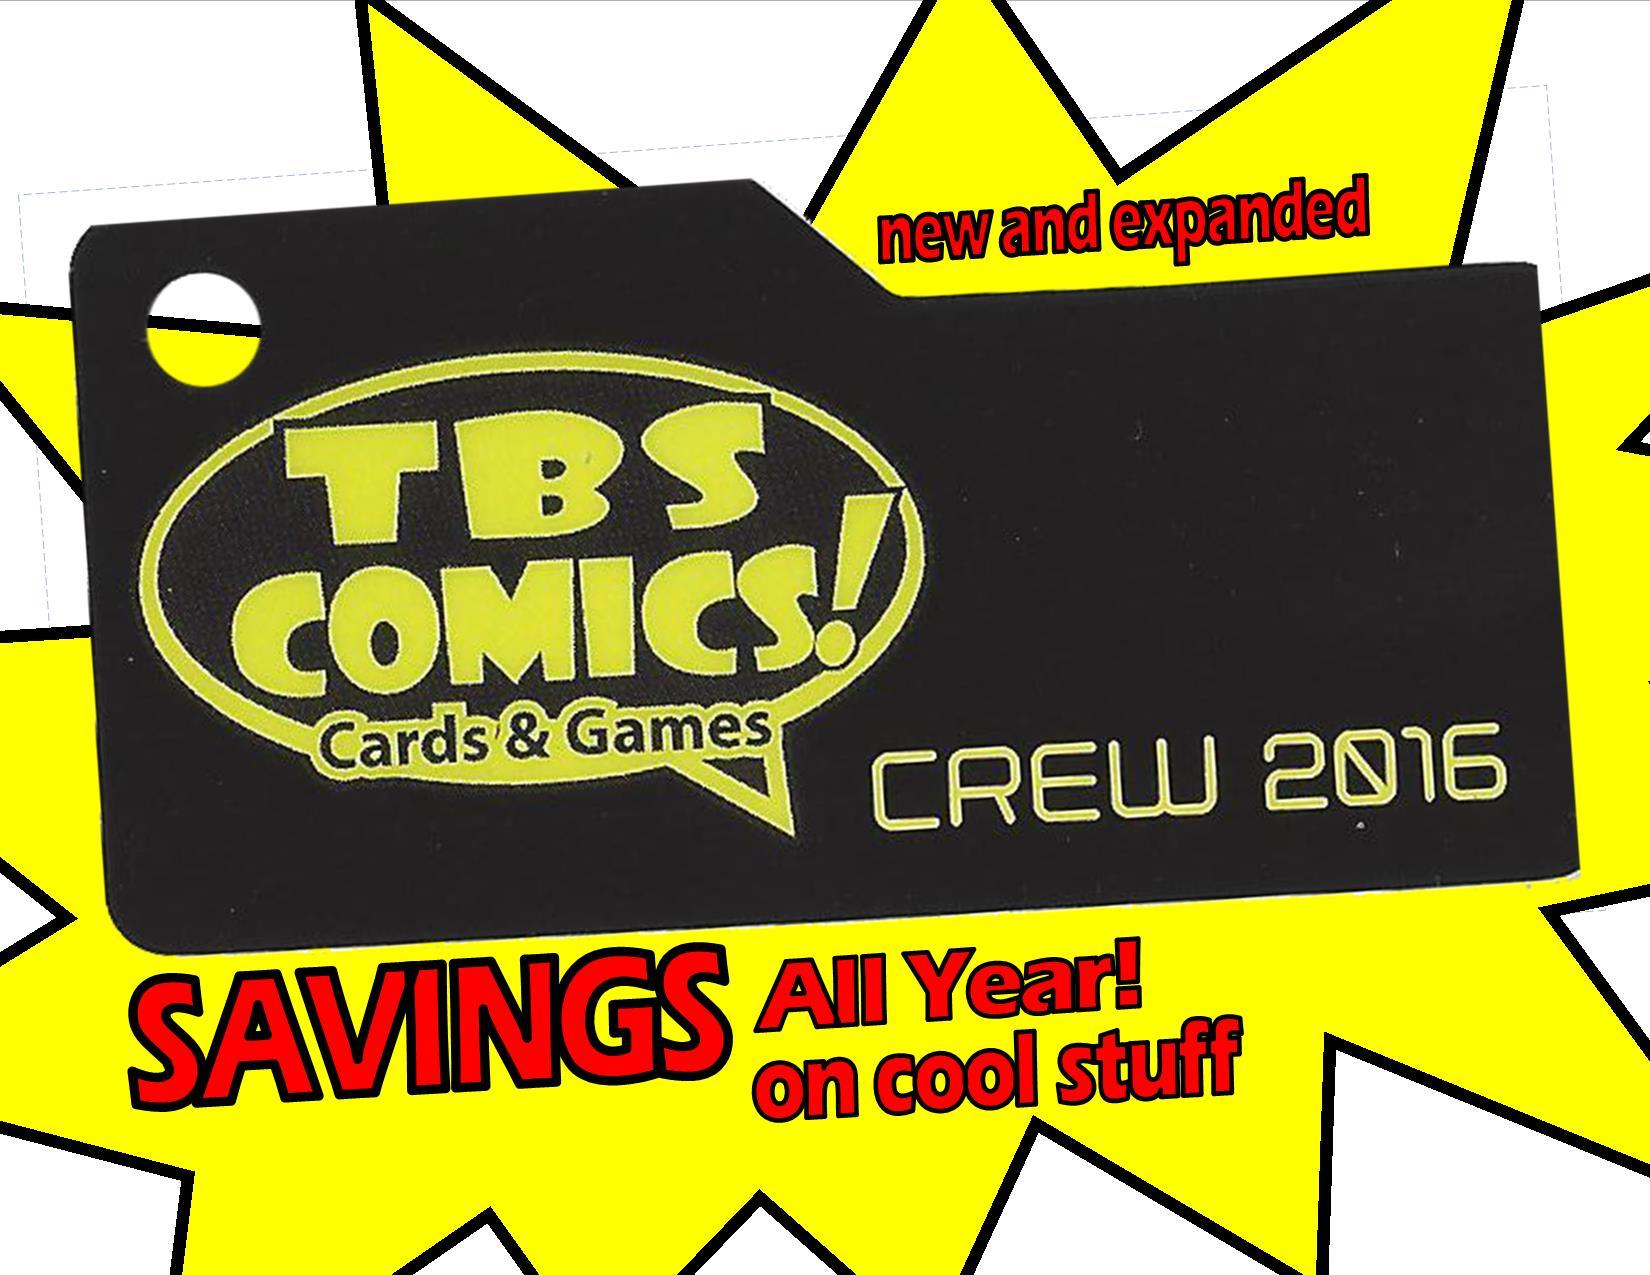 crewcard2016signing